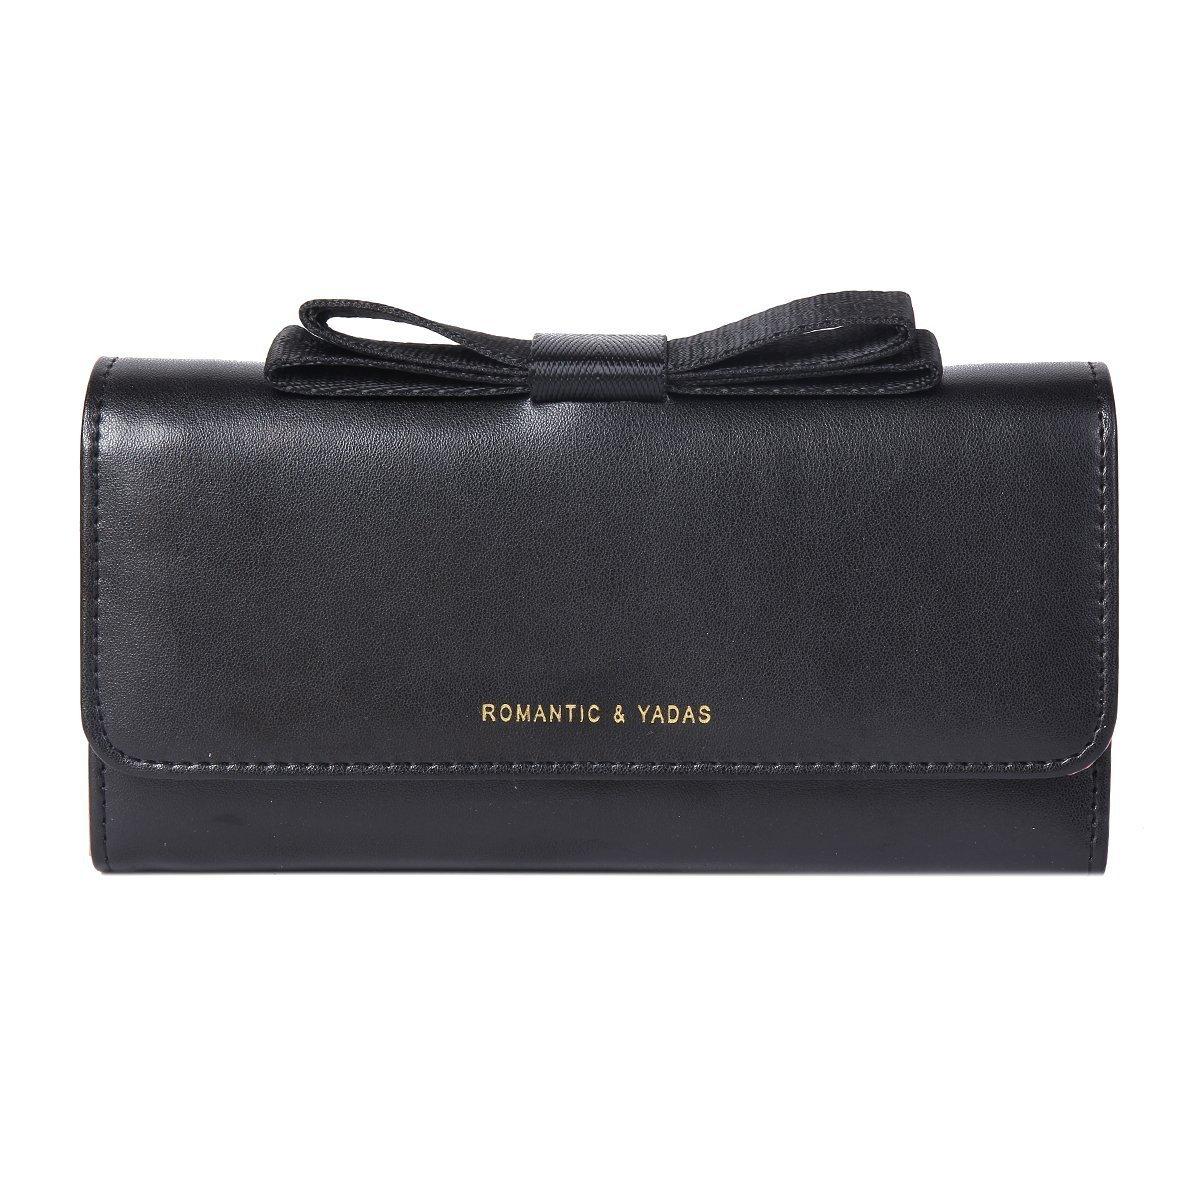 Damara Womens Elegant Bow Top Trifold Utility Clutch Wallet,Black